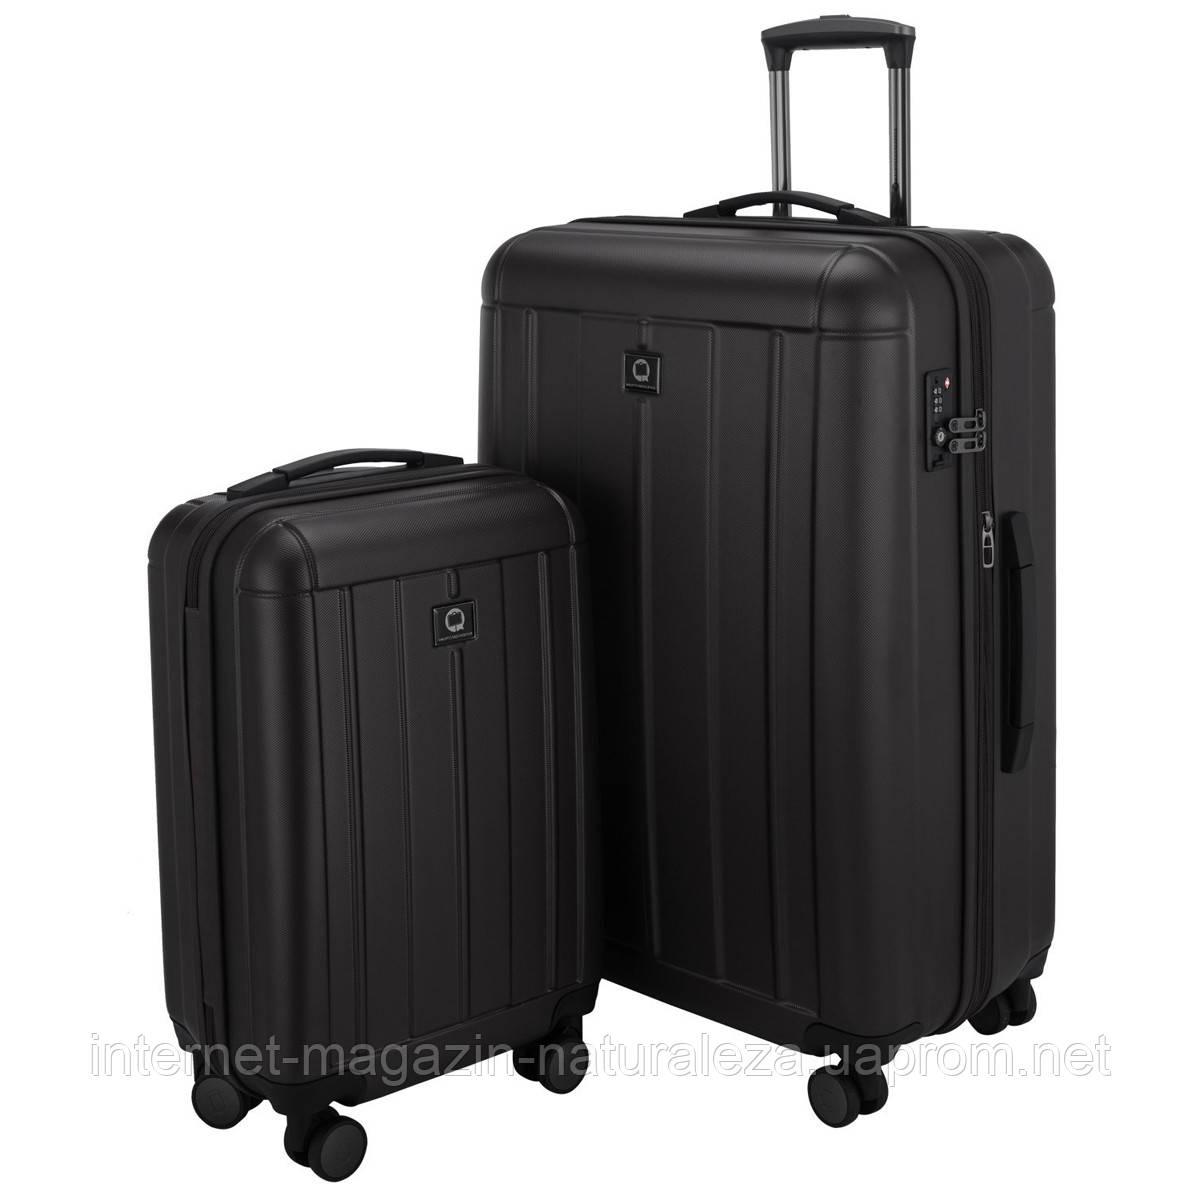 Набор чемоданов Hauptstadtkoffer Kotti черный матовый